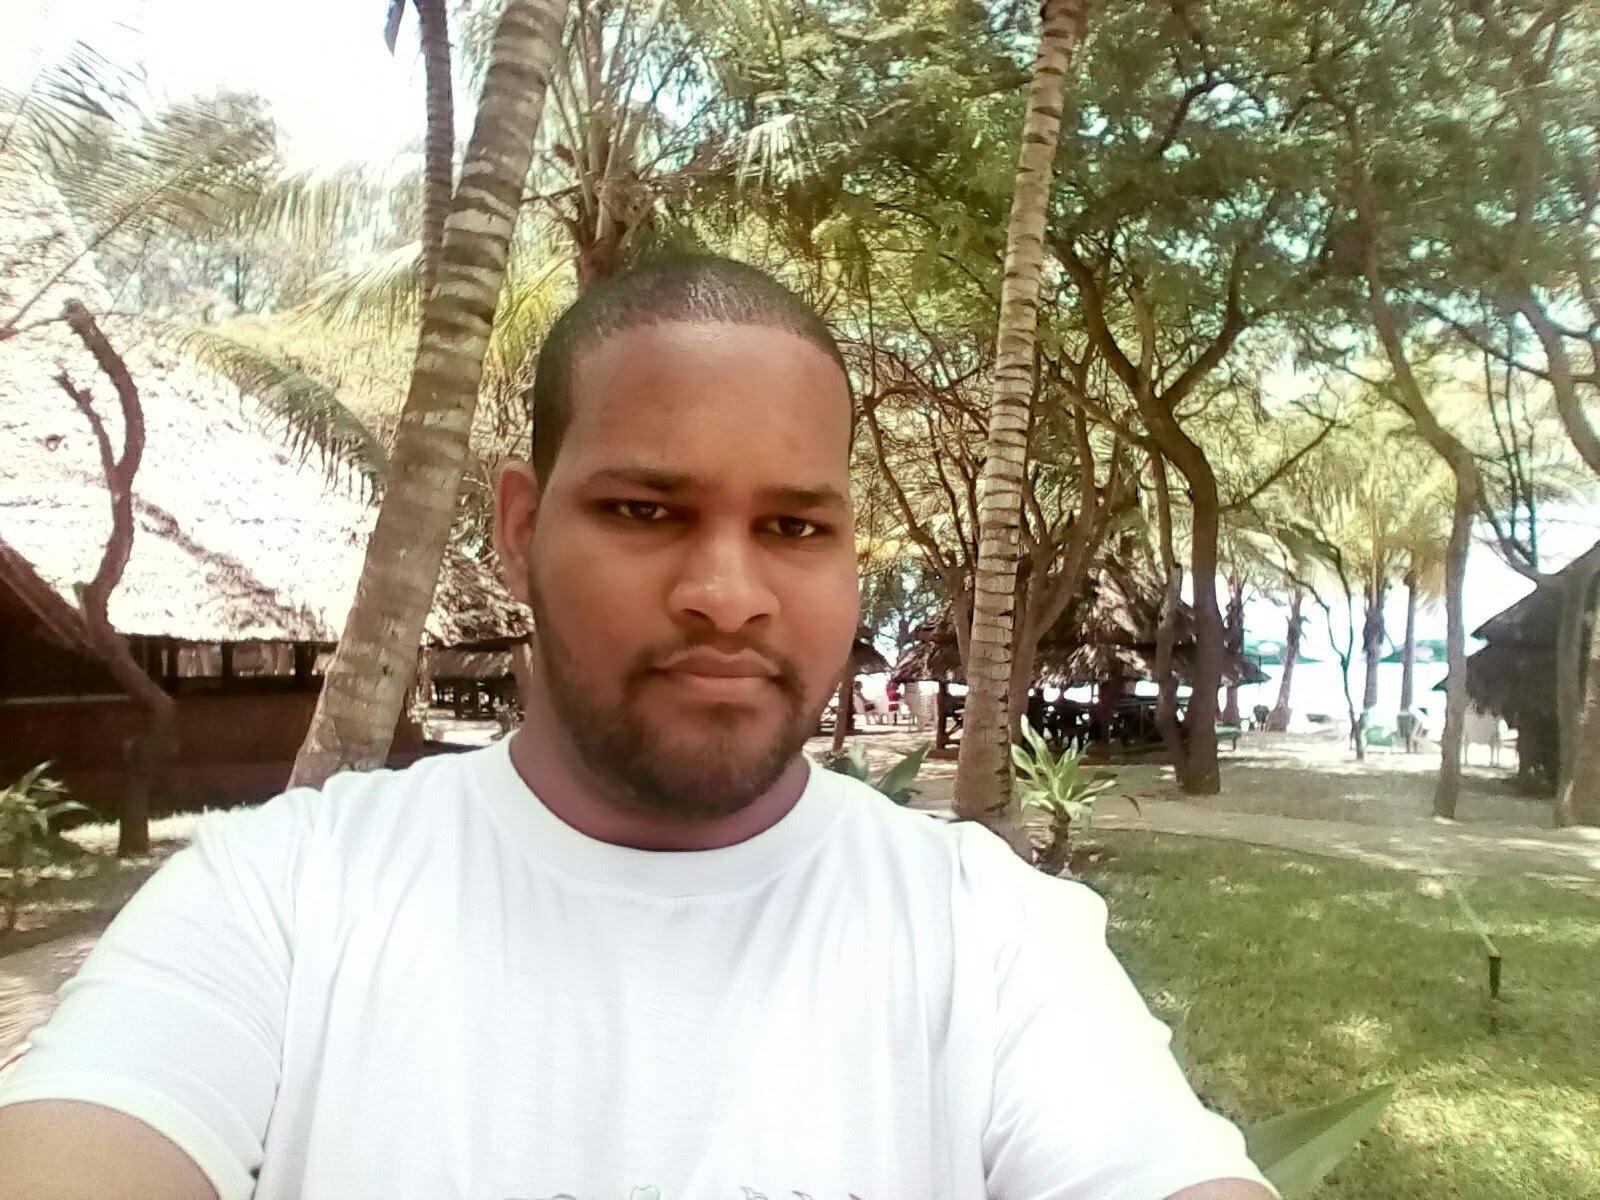 Interview: Abraham Samma, Creator of Oneplaybook Talks TiddlyWiki